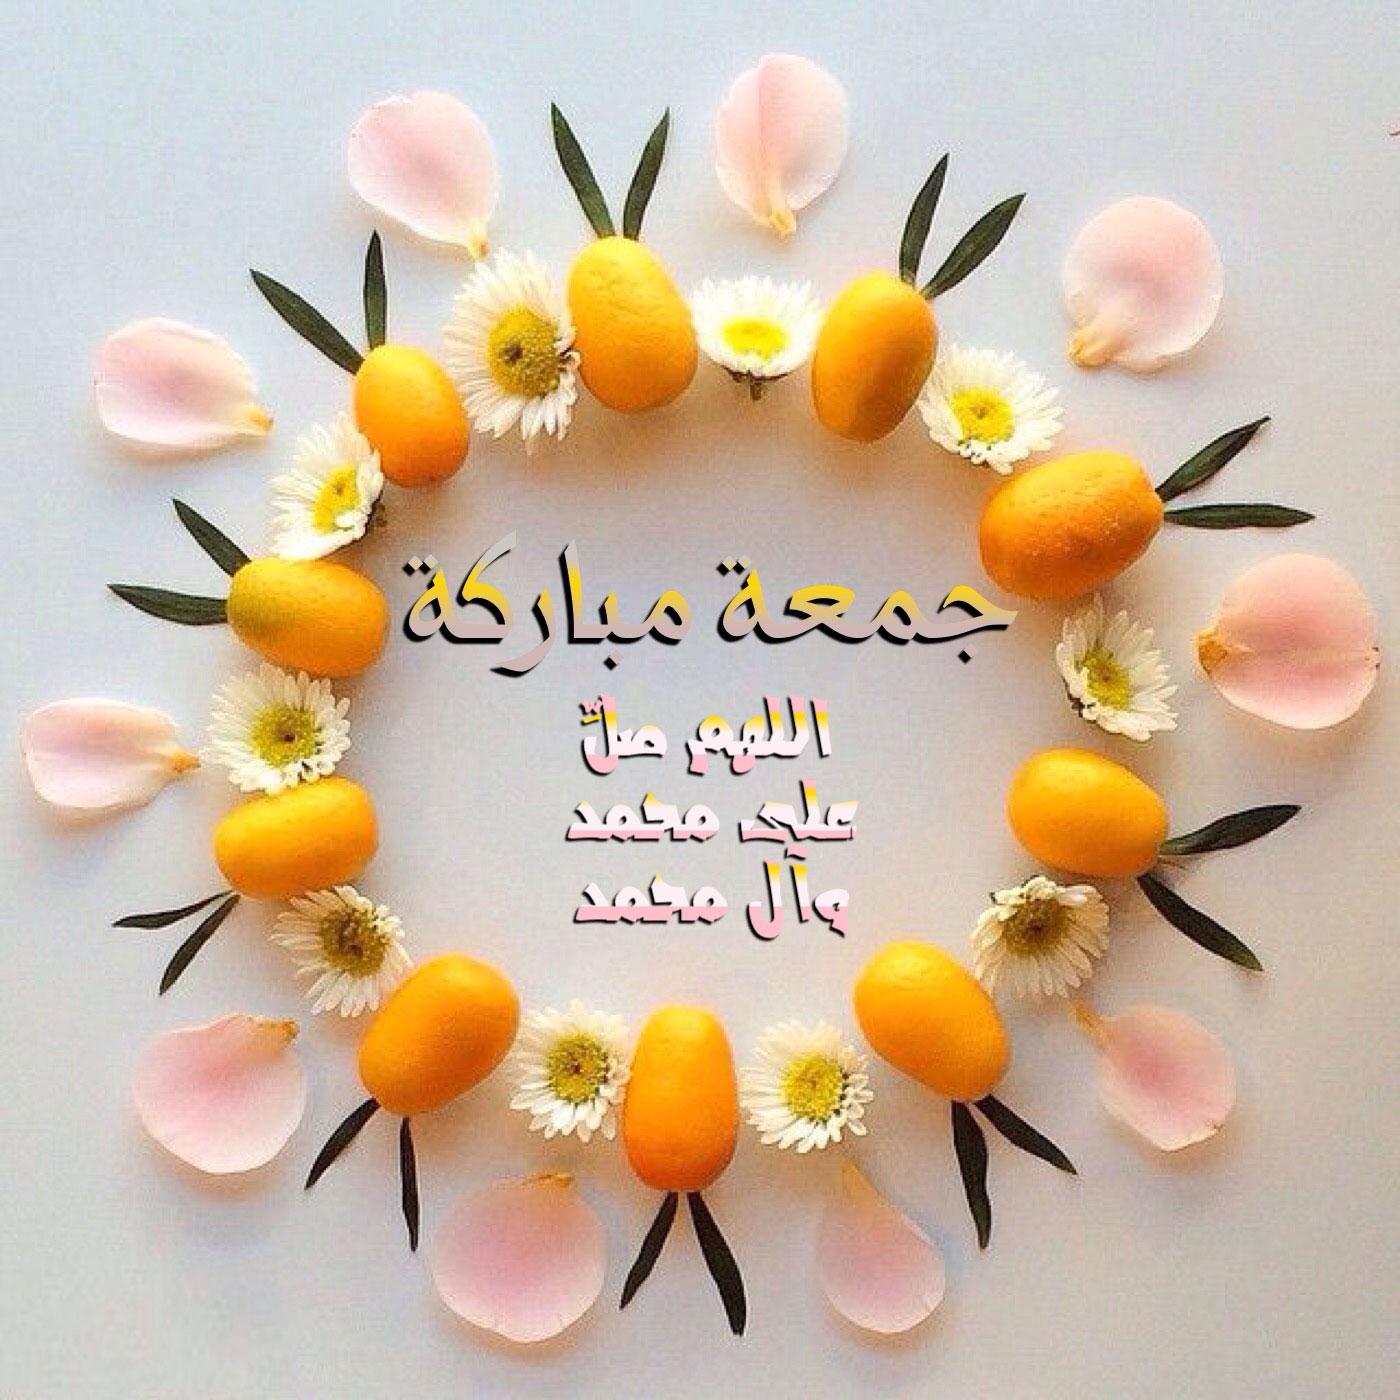 بالصور صباح الجمعه , صور ليوم الجمعه 5892 3